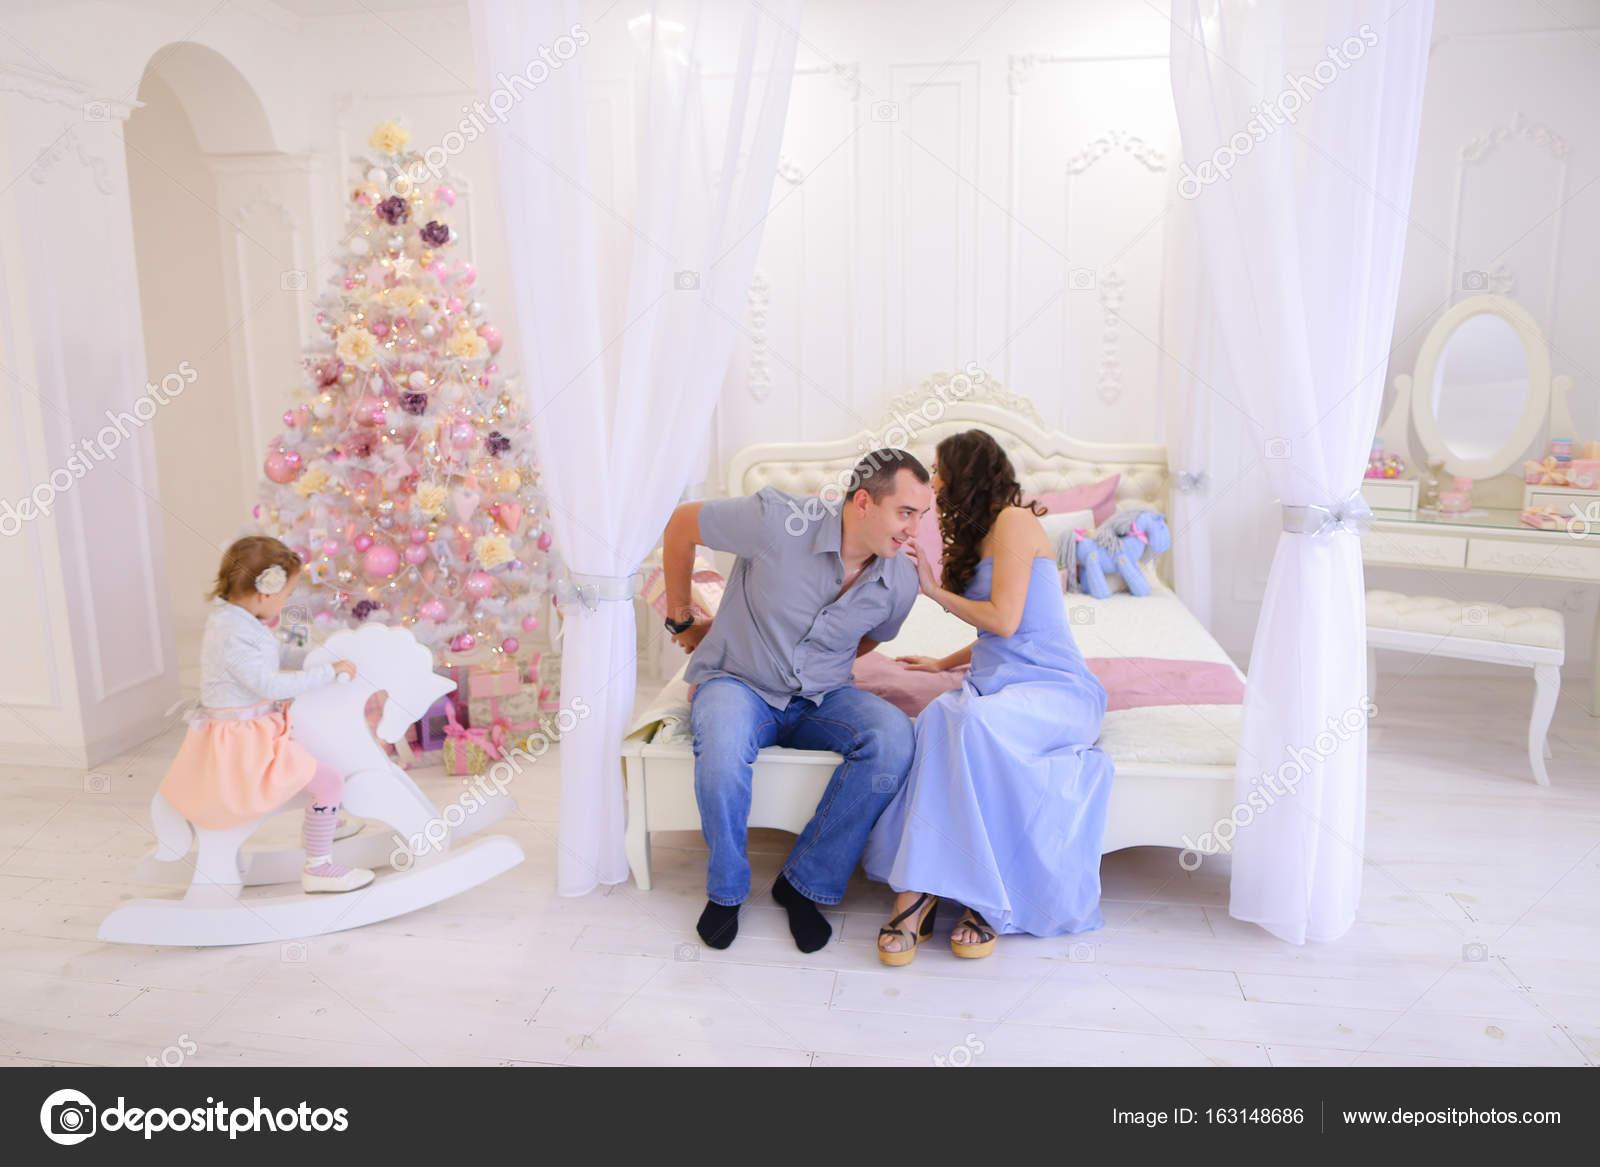 Fröhliche Familie versammelt, um Weihnachtsgeschenke in hellen s ...